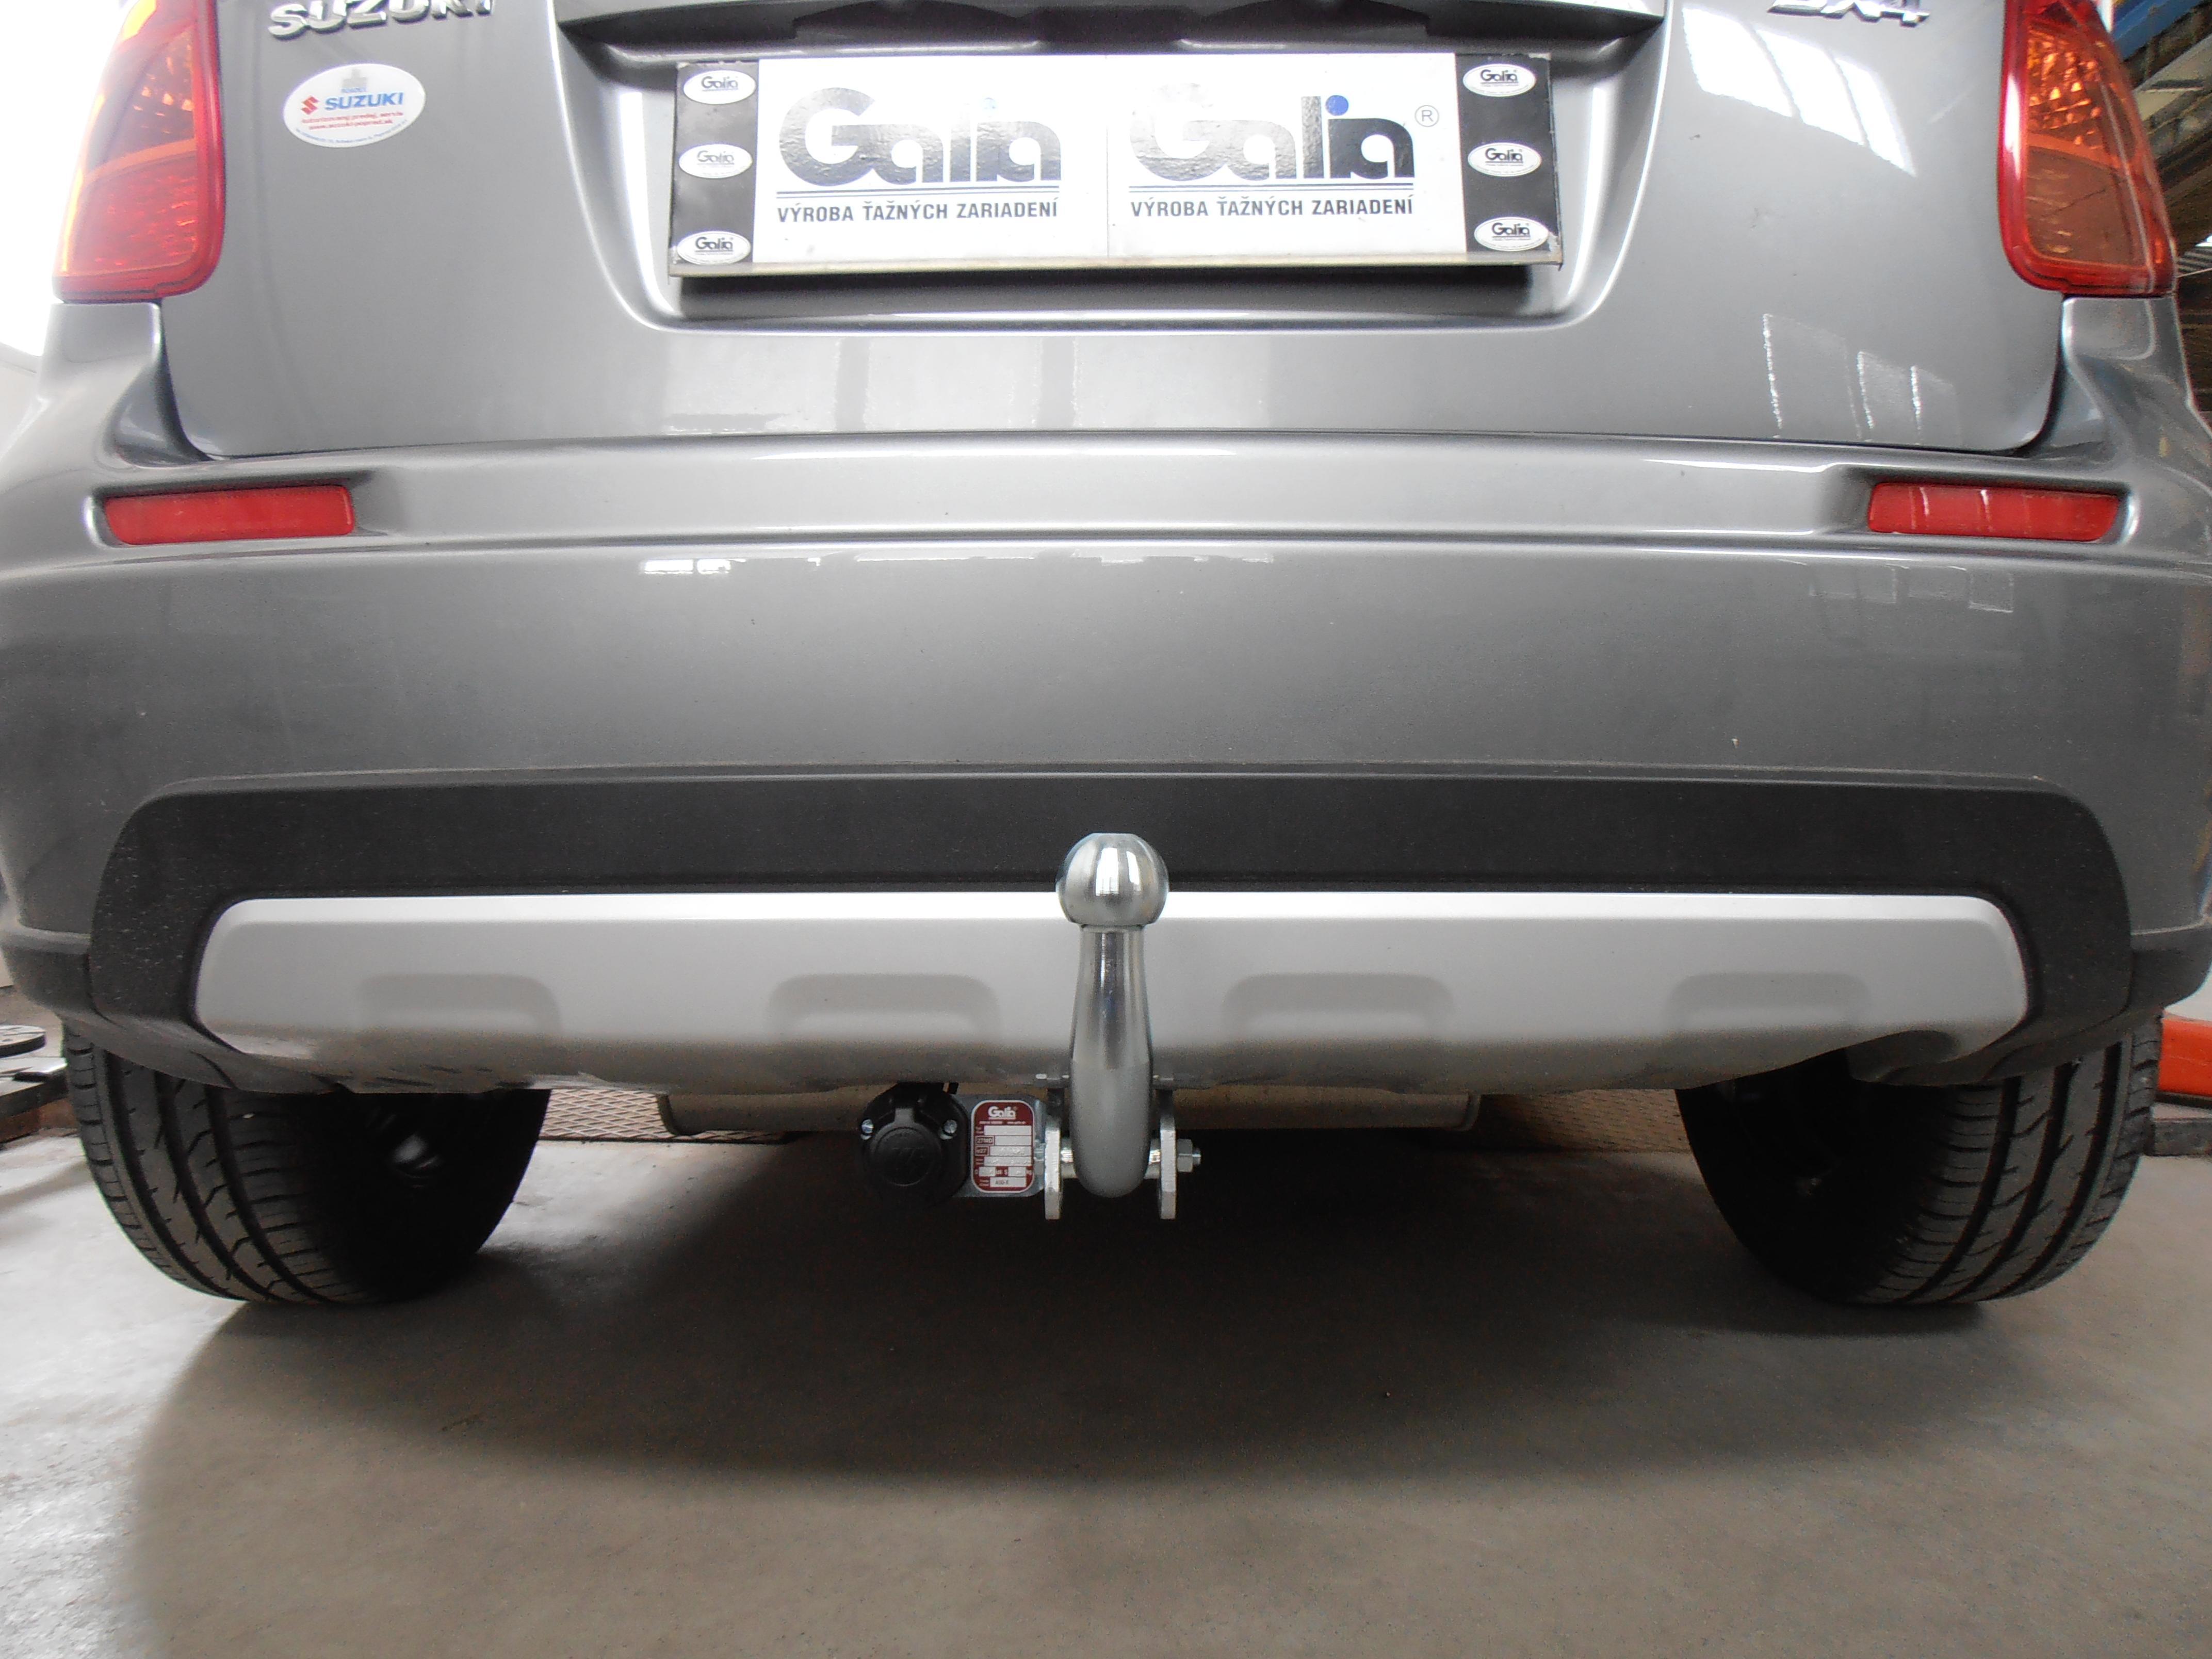 F1096, Fiat Sedici, 5dv, 2006-2014, skrutkové prevedenie A